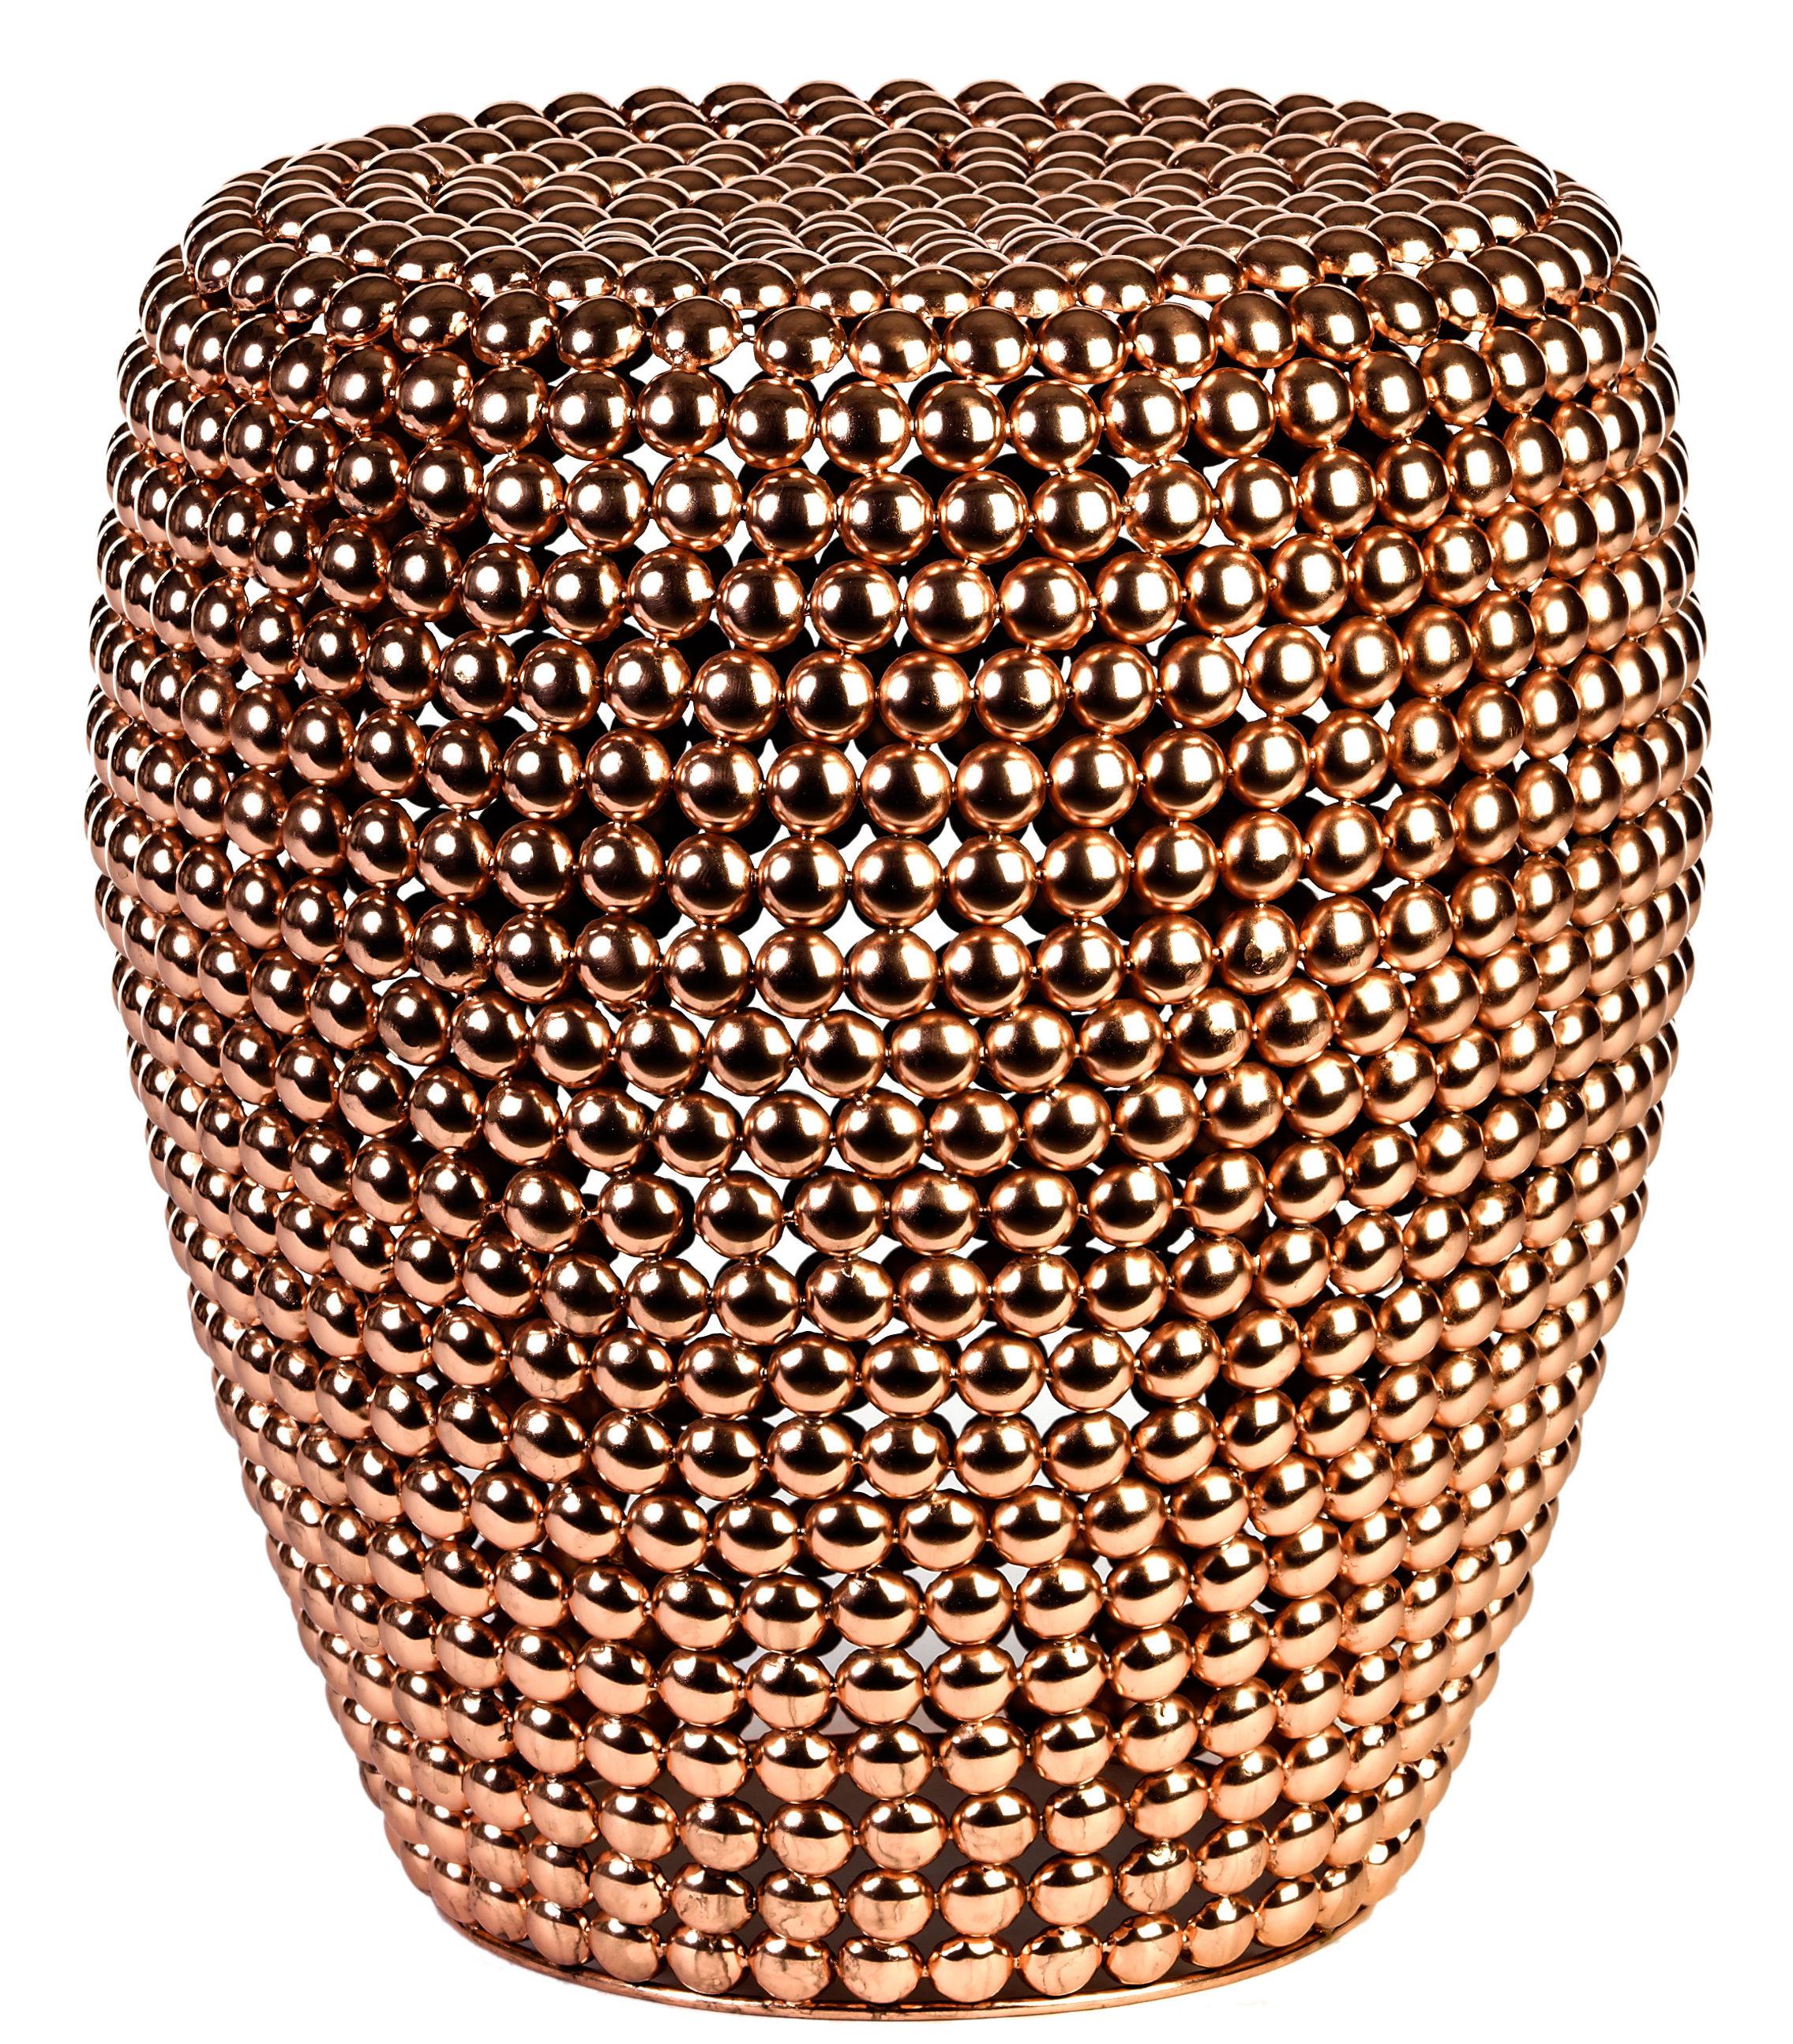 Arredamento - Sgabelli - Sgabello Dot - / Ø 40 x H 46 cm di Pols Potten - Rame - Metallo